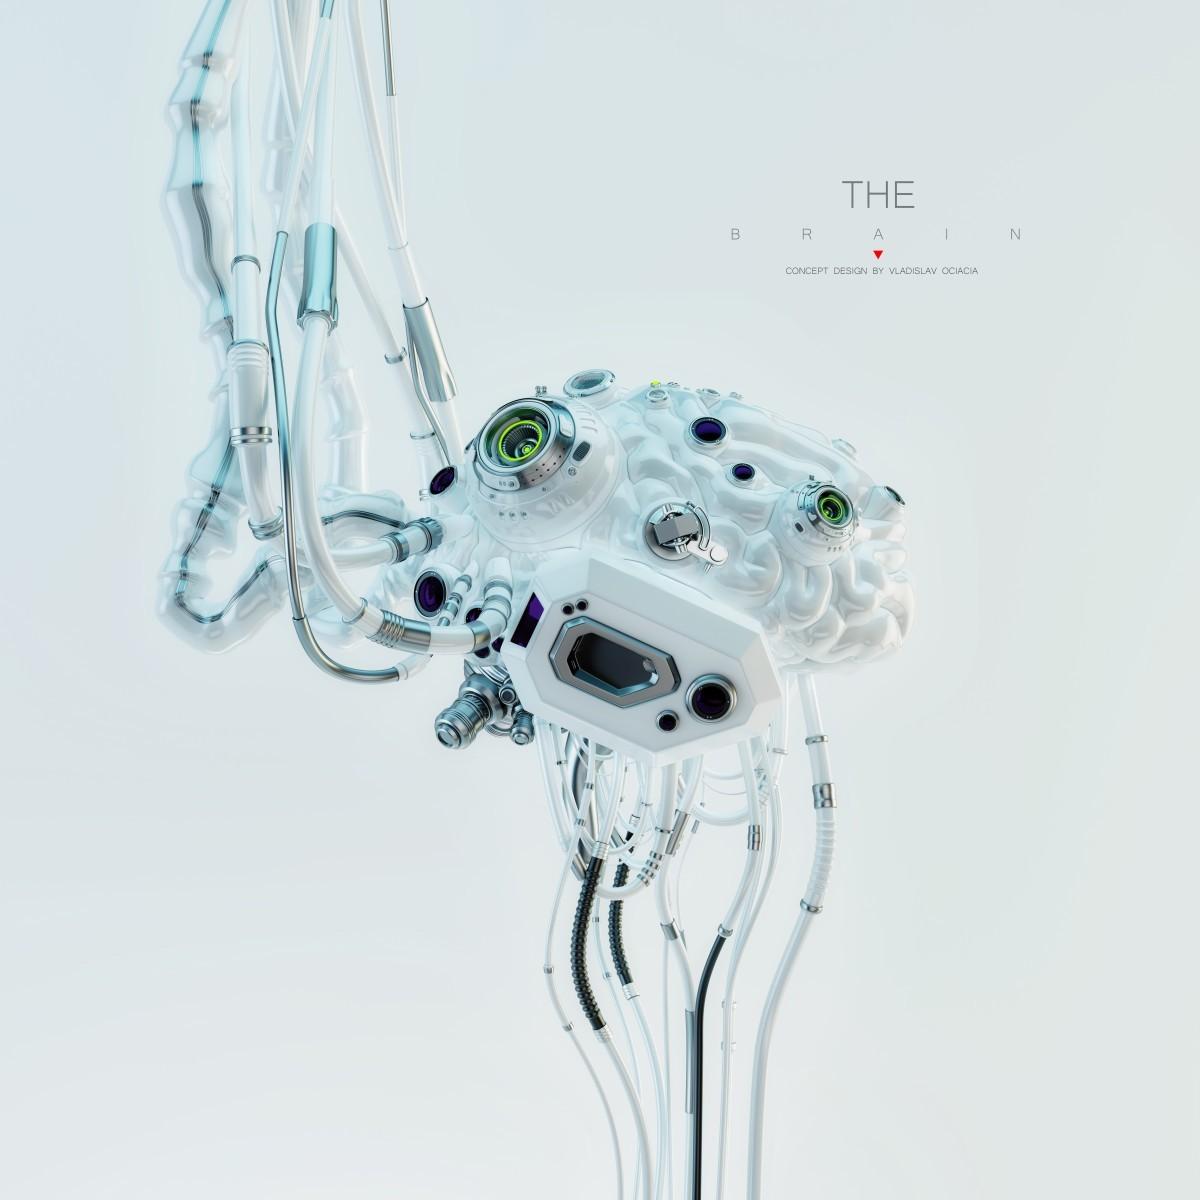 Vladislav ociacia robotic brain 11